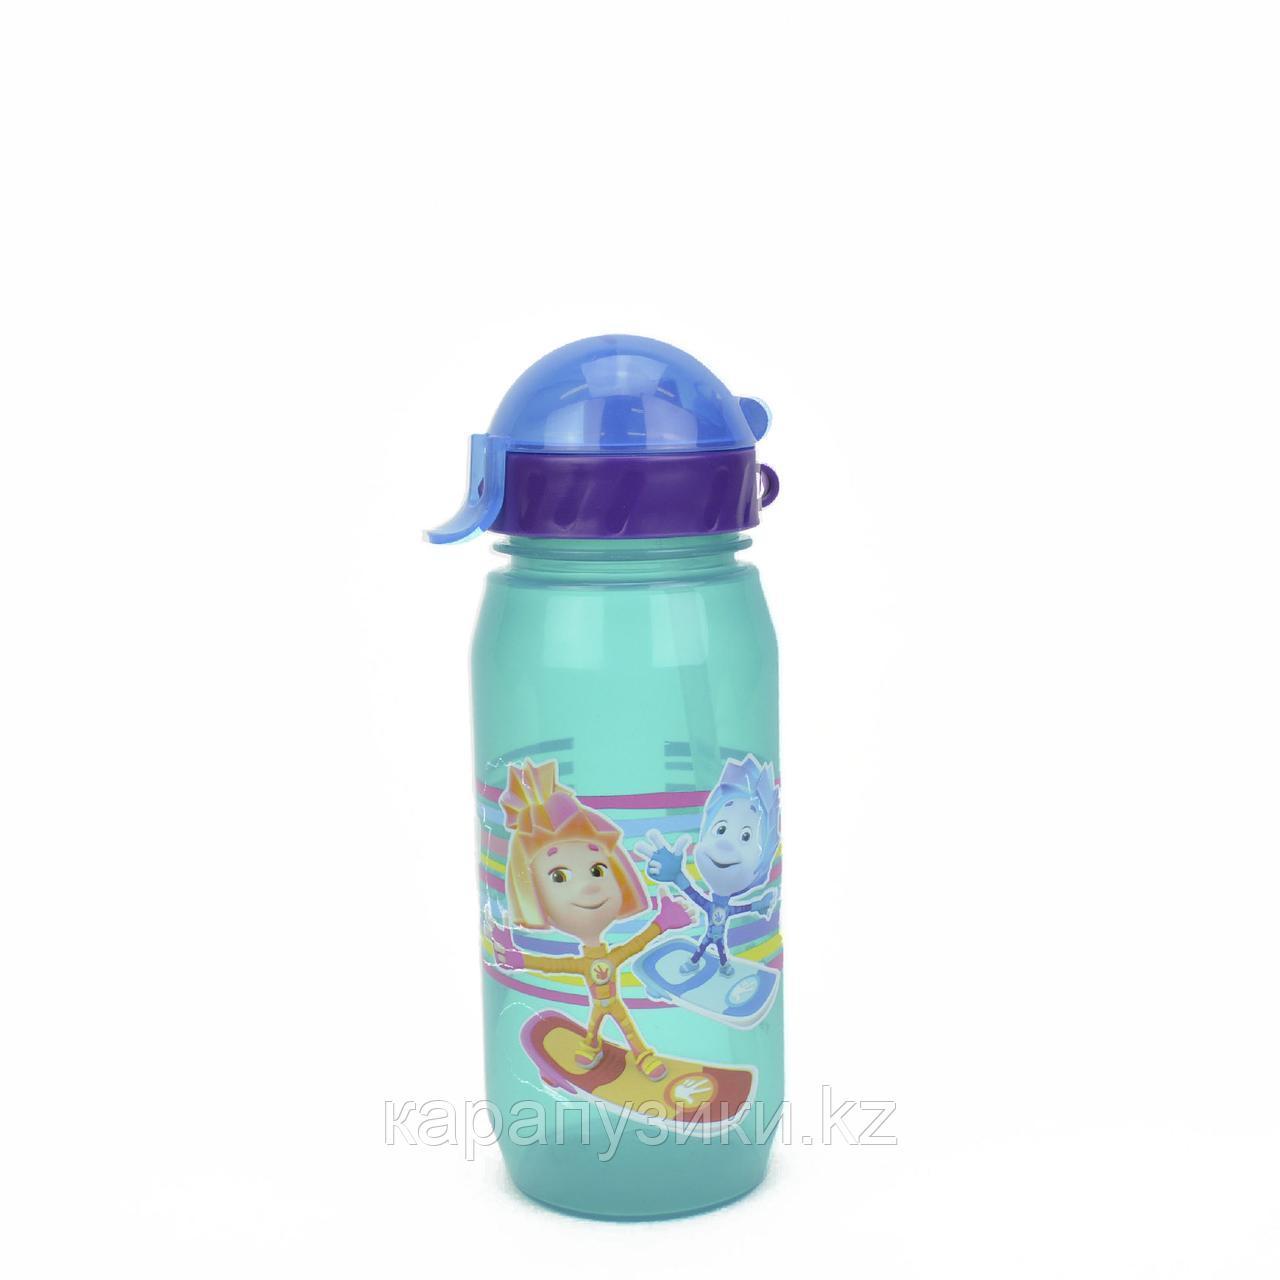 Детская бутылочка с трубочкой герои фиксики